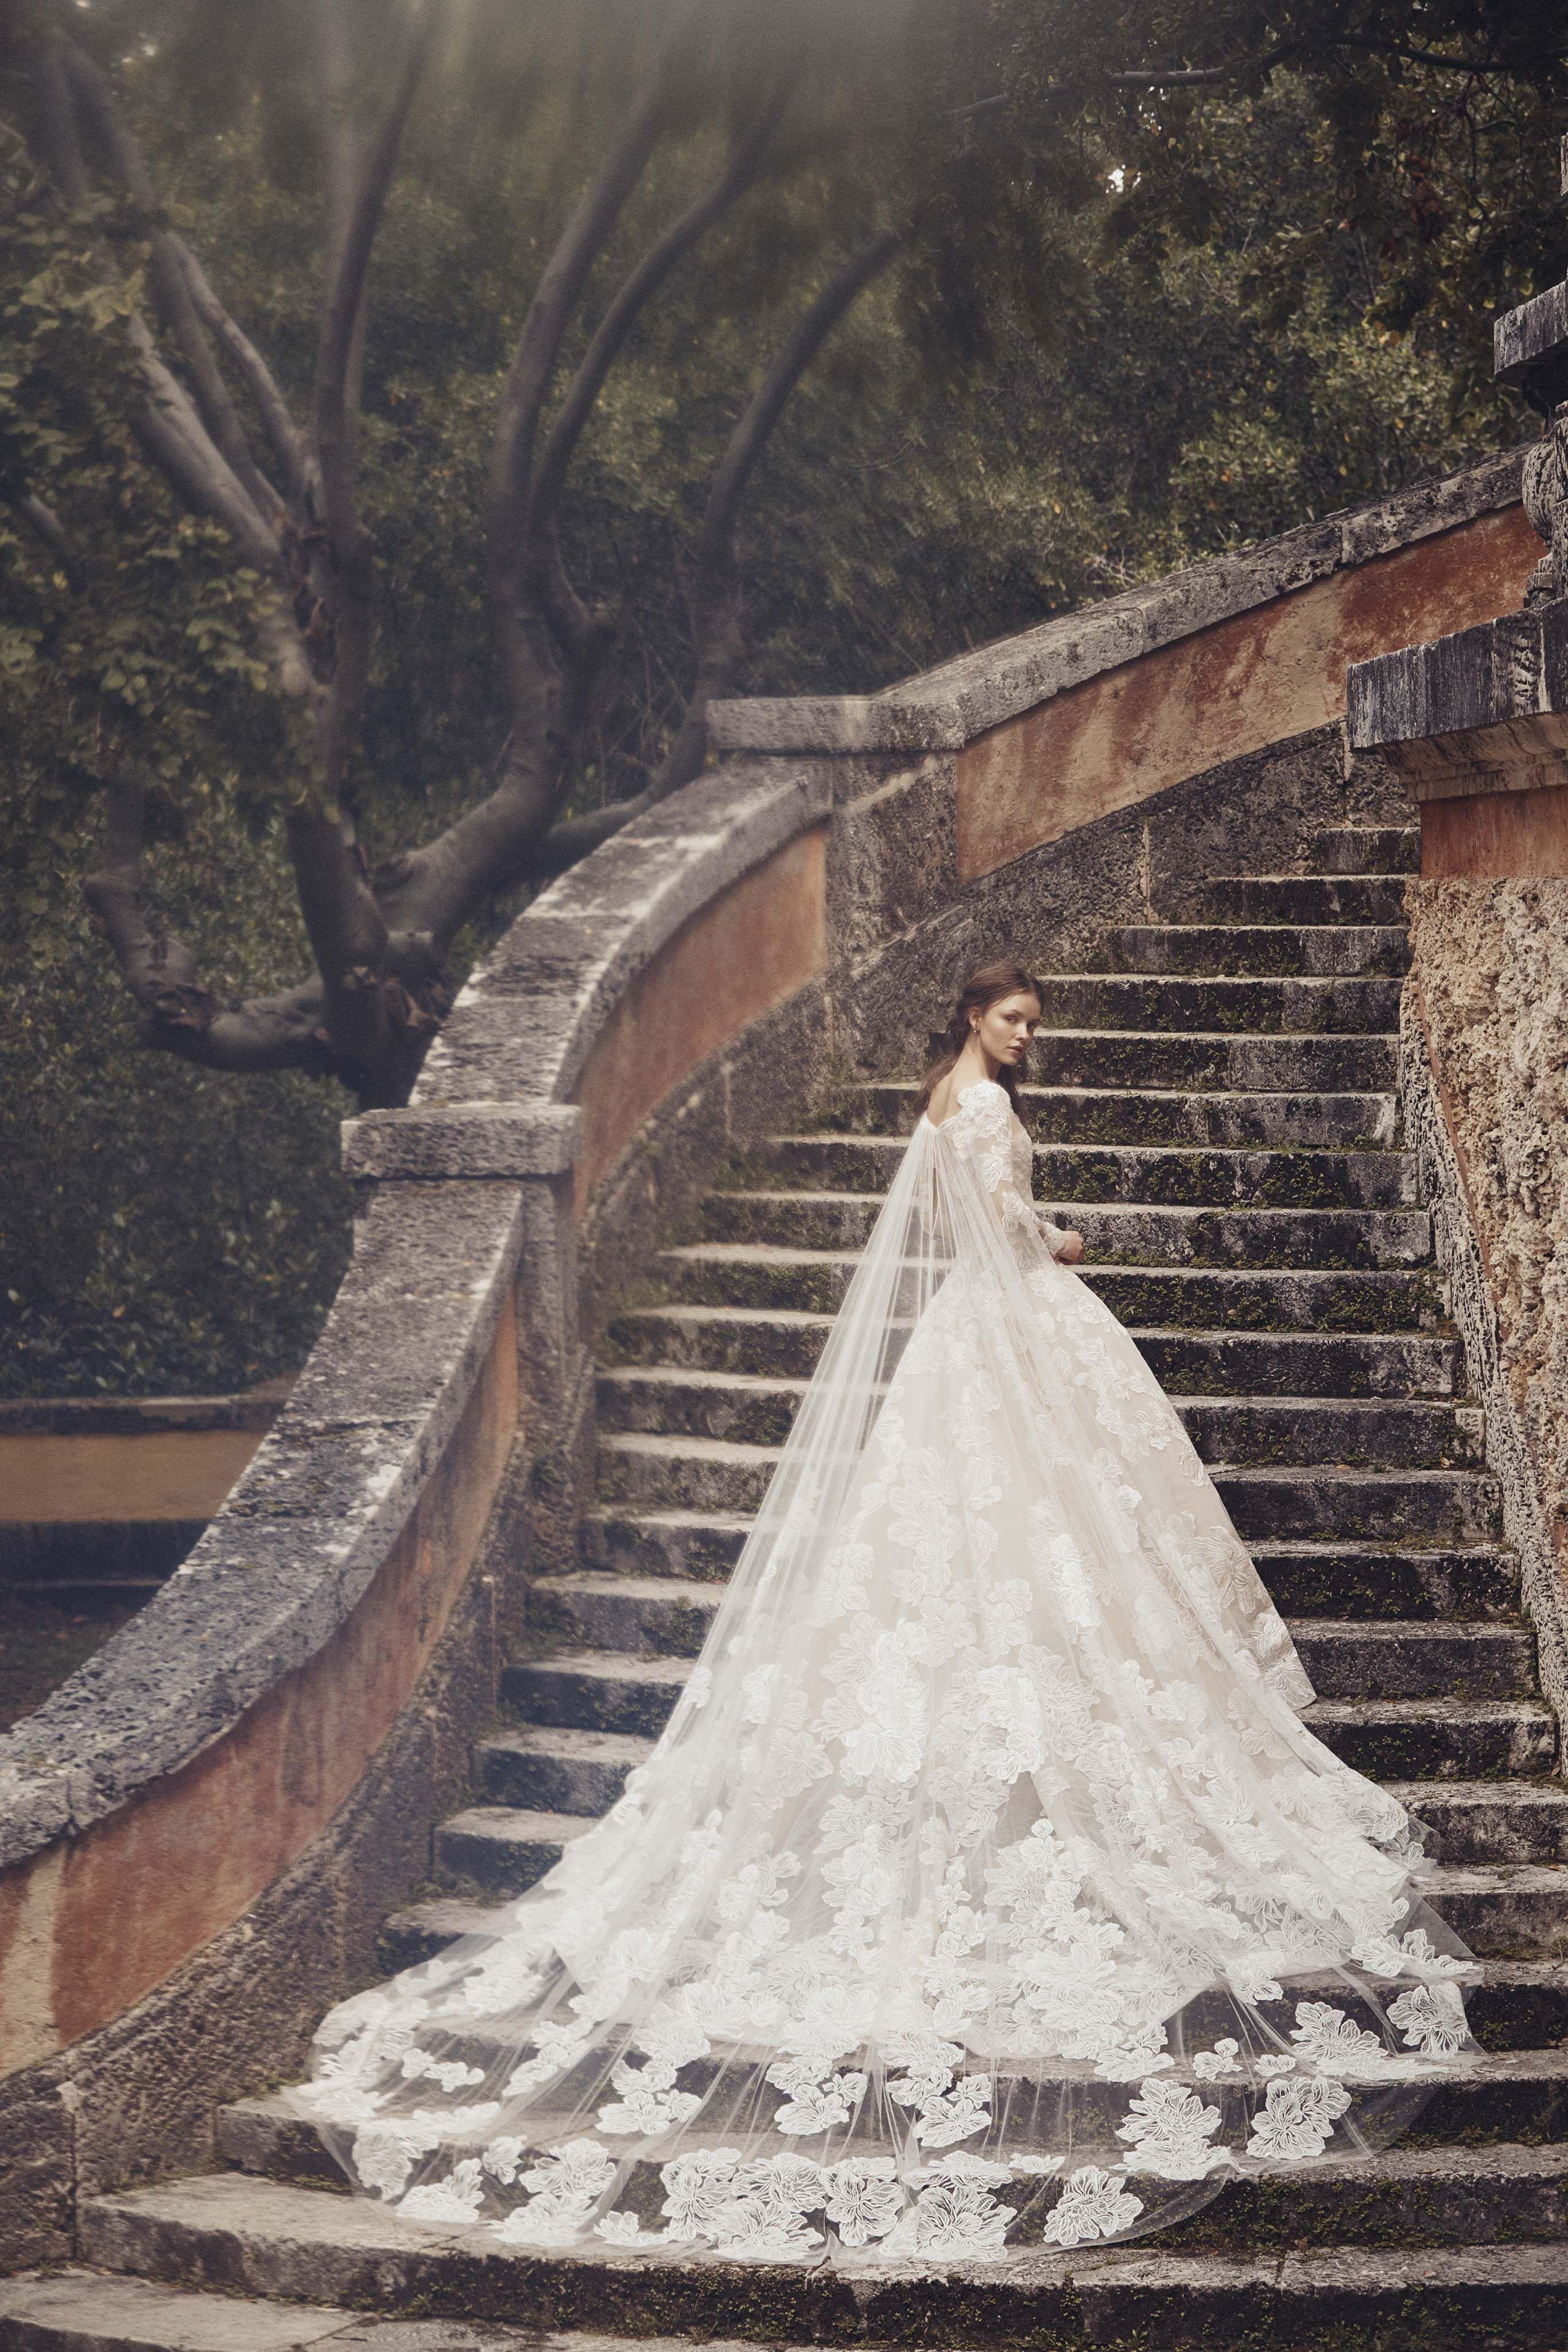 0b3130f0cd84 65+ Best Wedding Dresses Spring 2020 - Top Spring Bridal Runway Looks